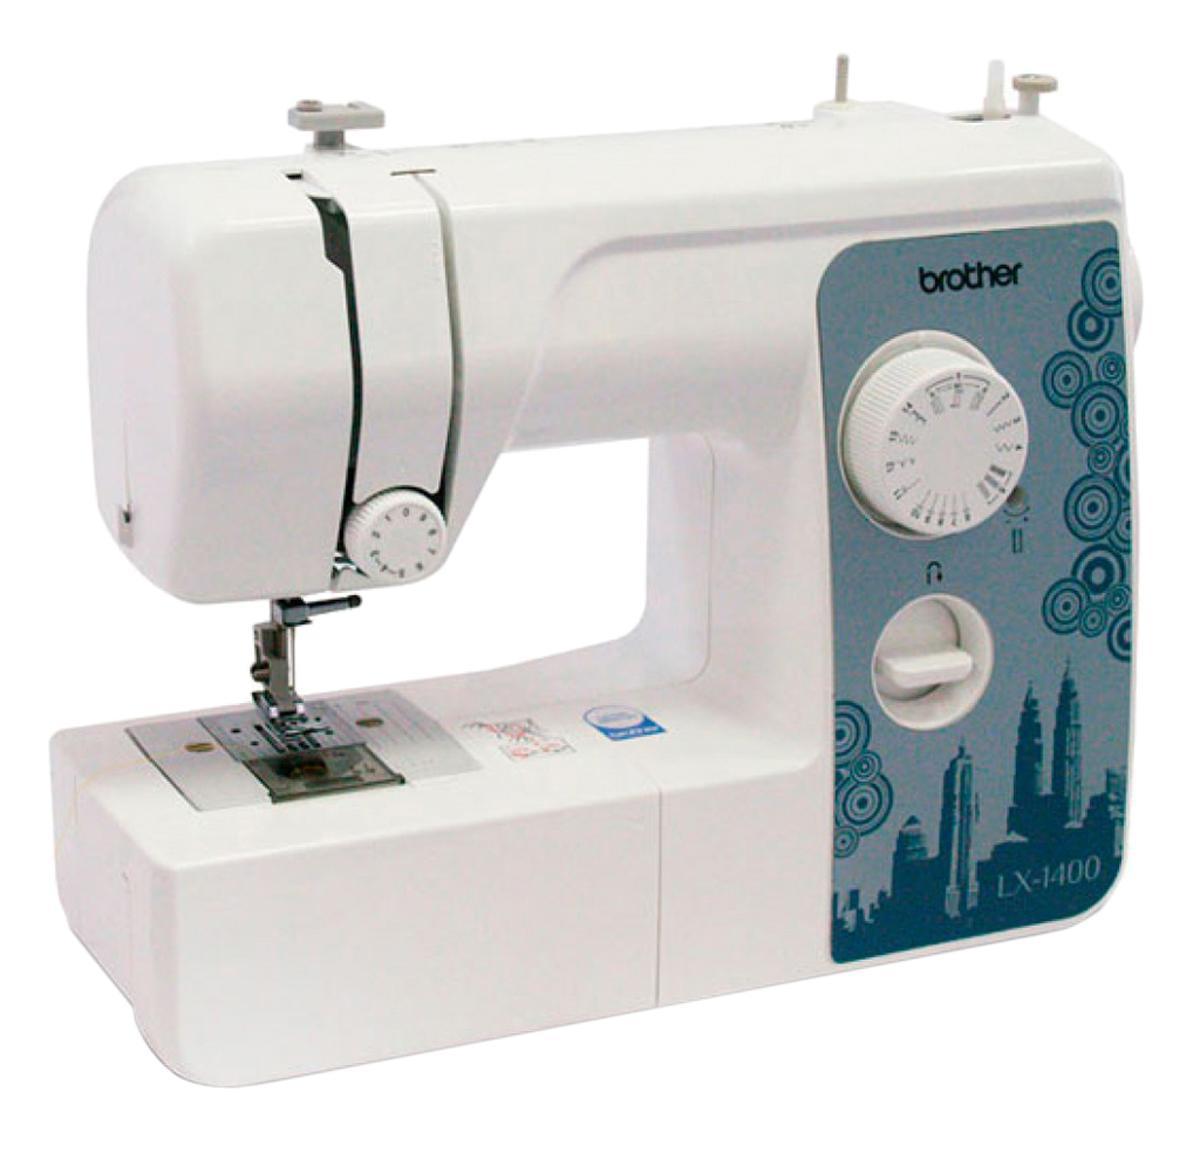 лучшая цена Швейная машина Brother LX-1400